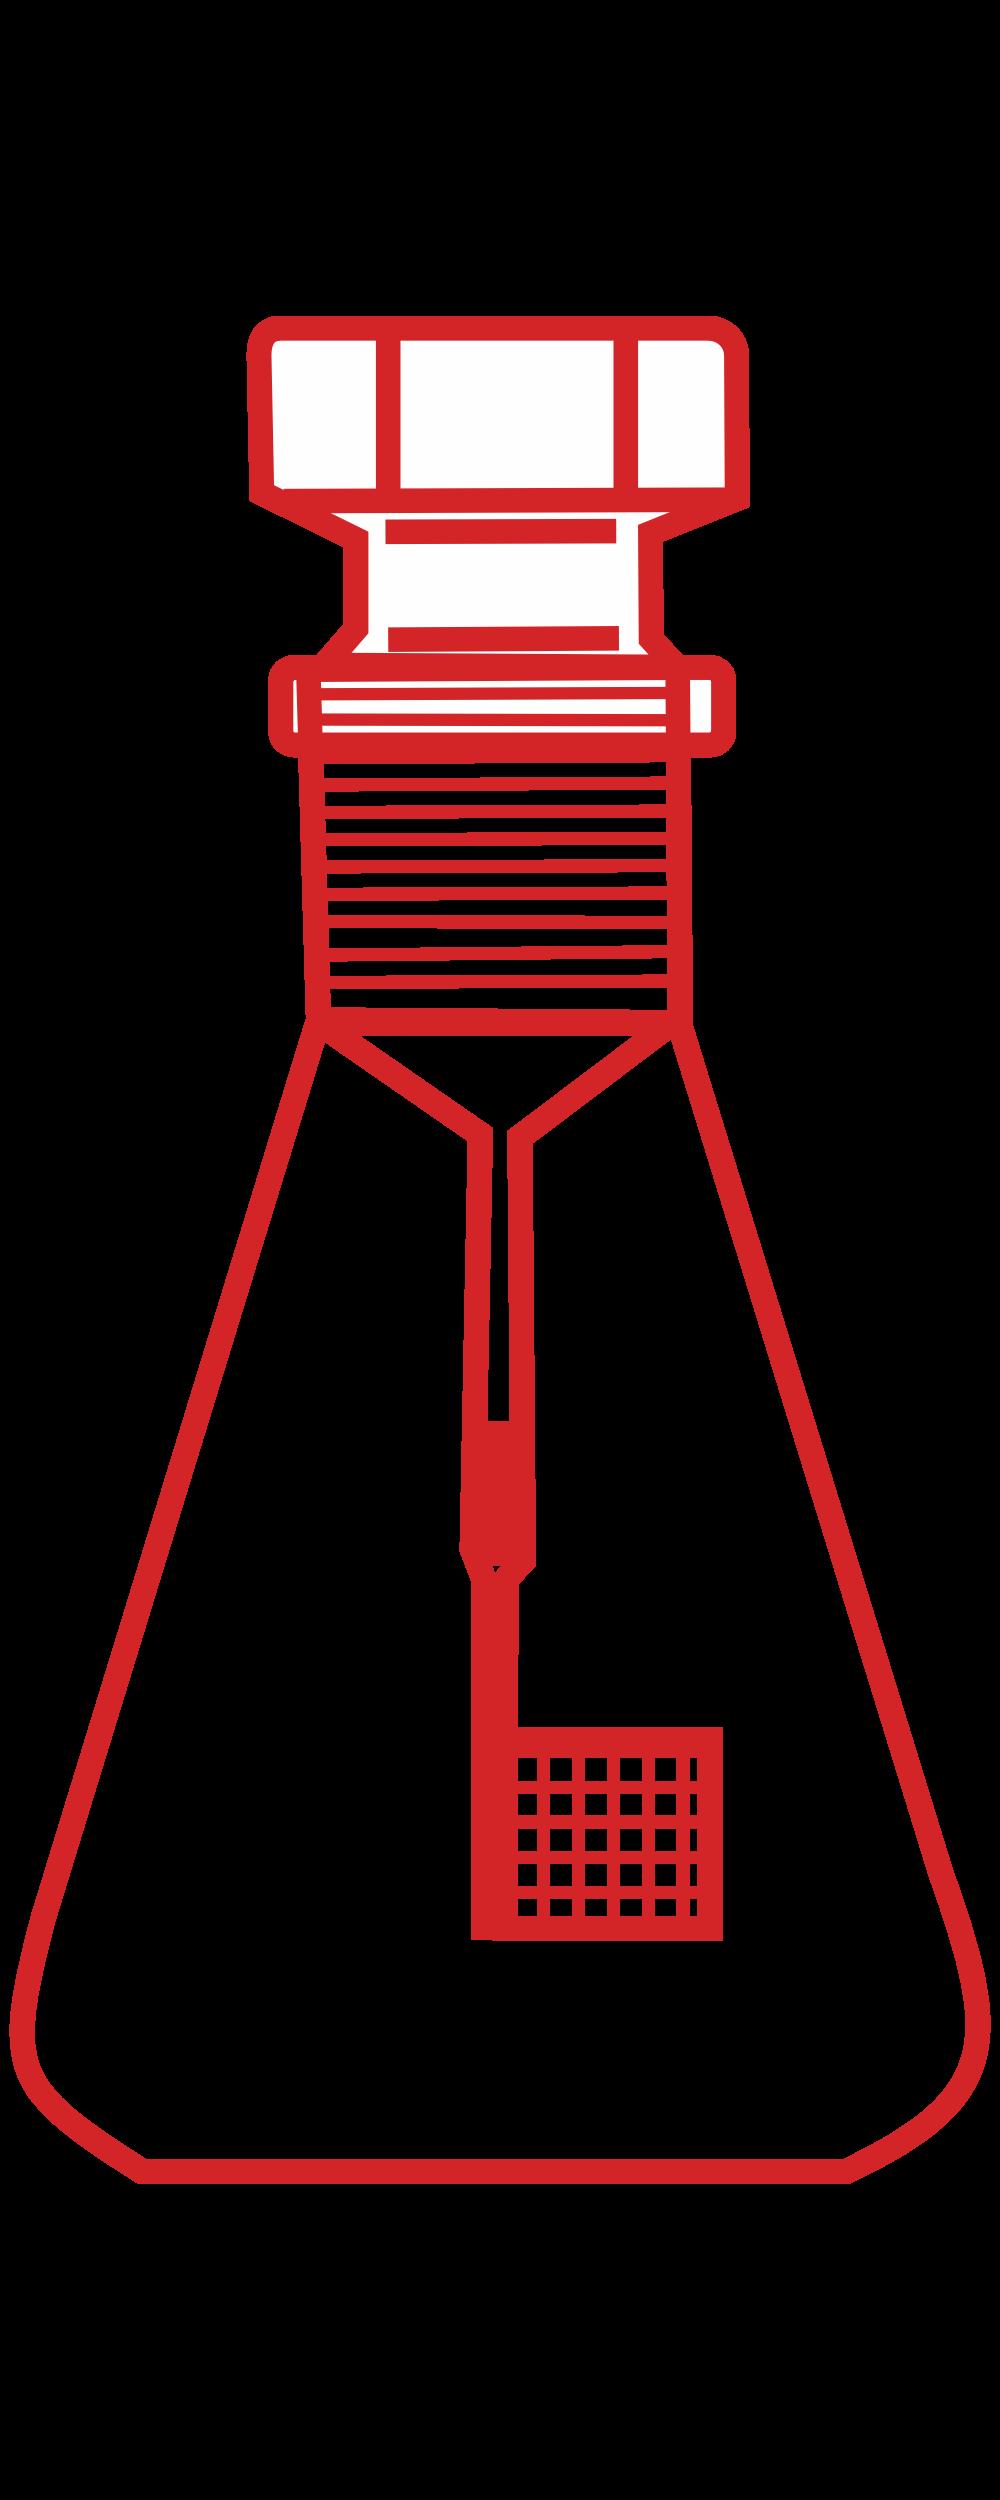 4. Winzer Laborglastechnik - Apparate zur Bestimmung des Schwefelgehaltes